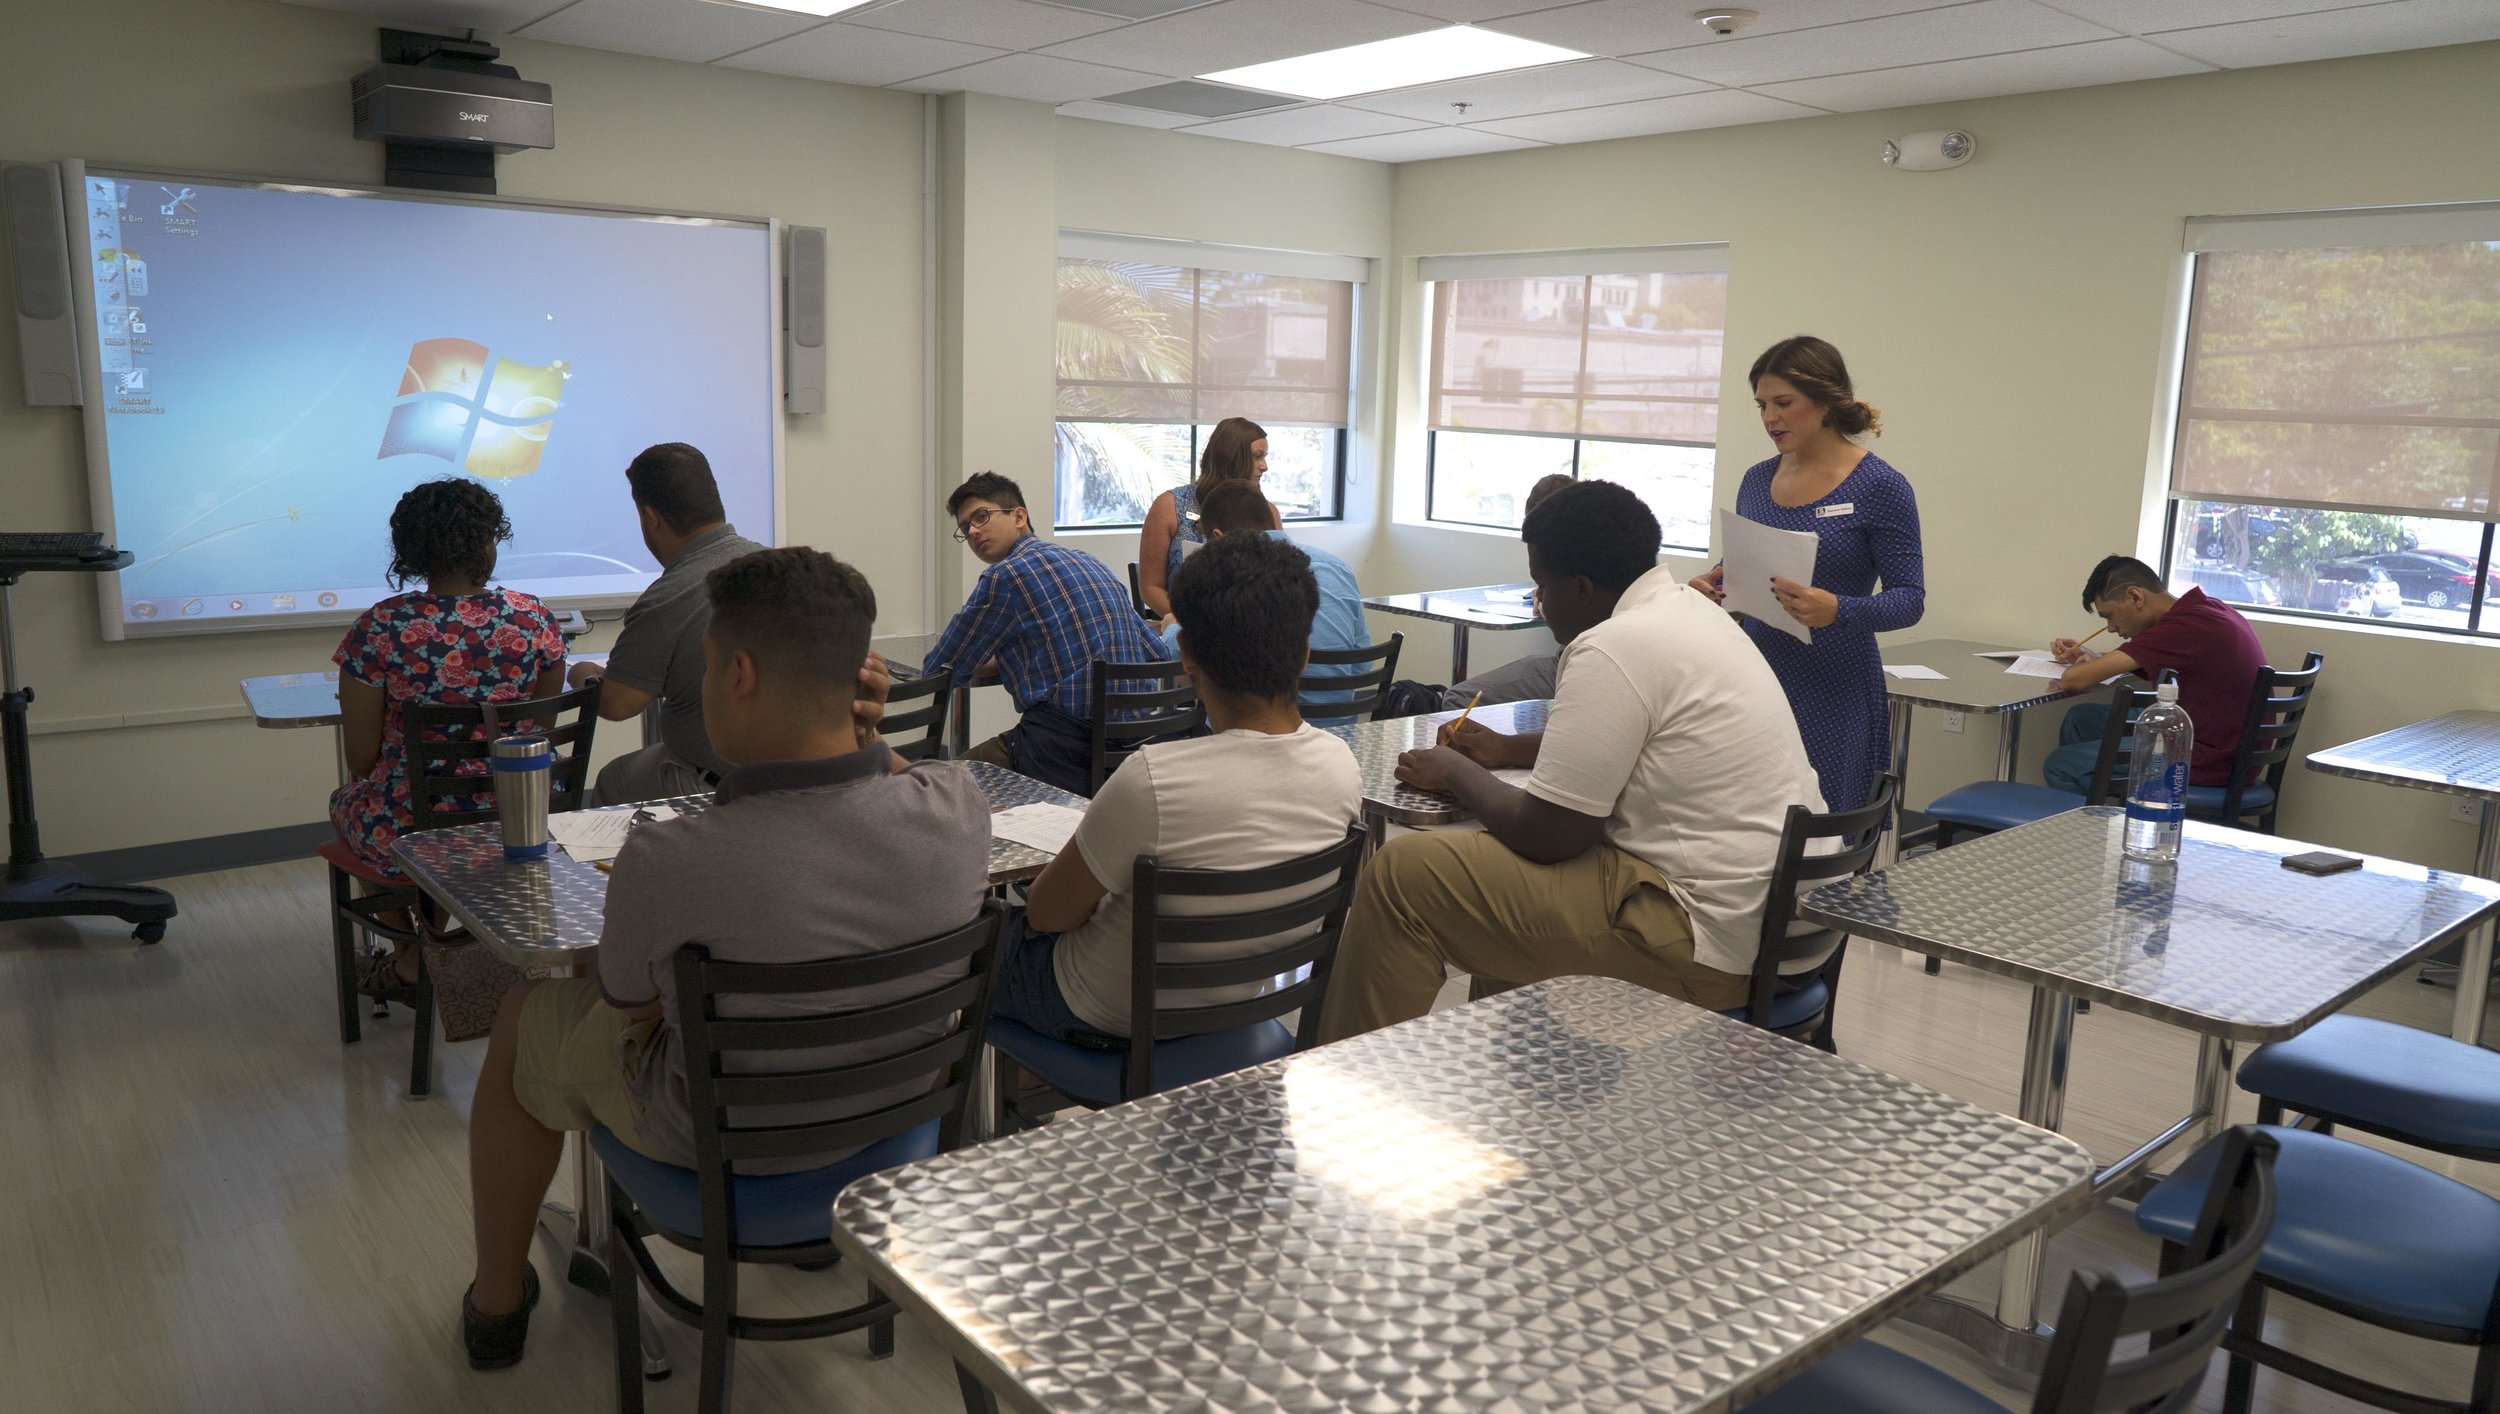 Classroom instruction at Marino Campus.